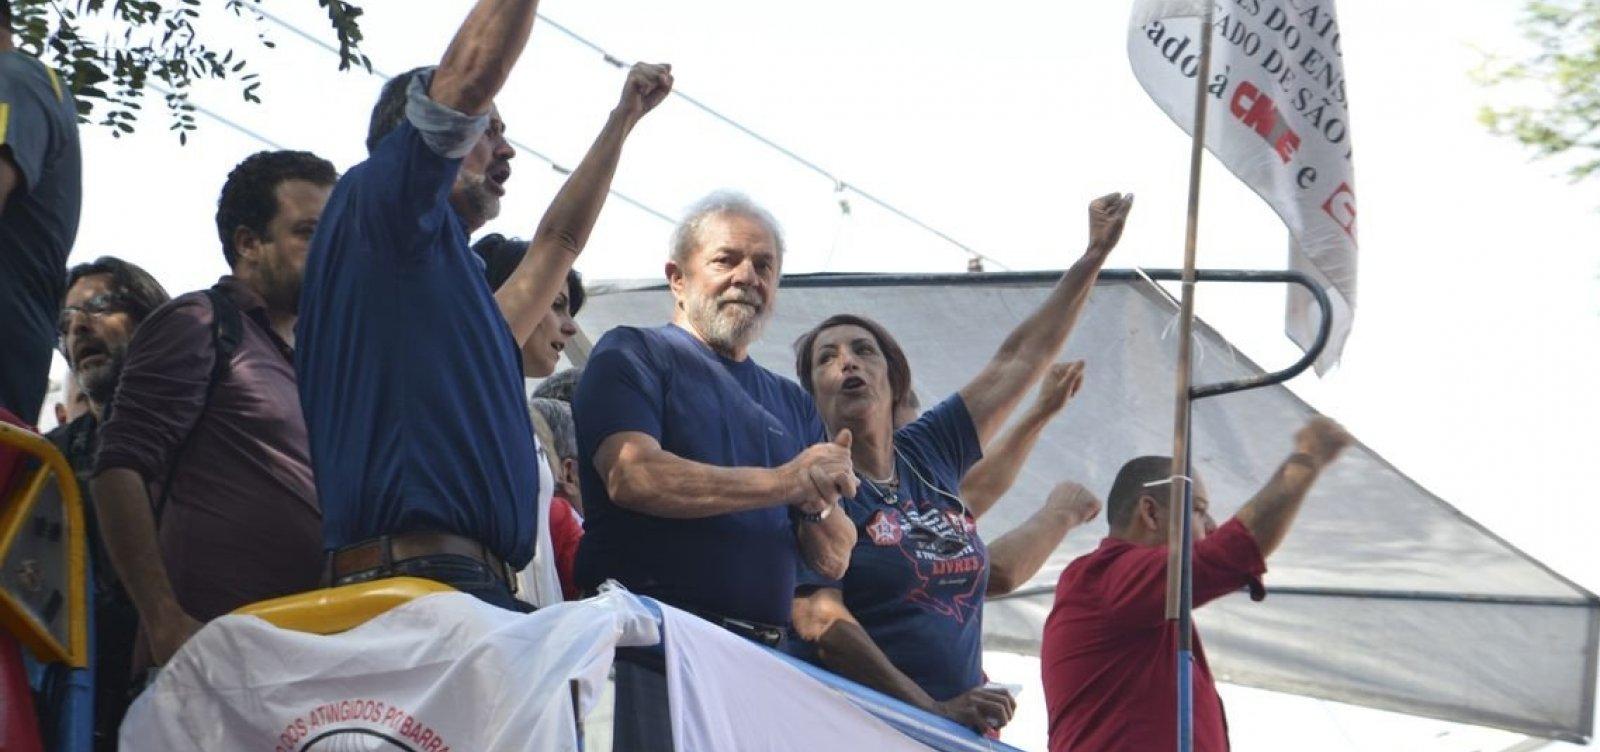 [Juízes europeus enviam carta ao STF criticando prisão de Lula]